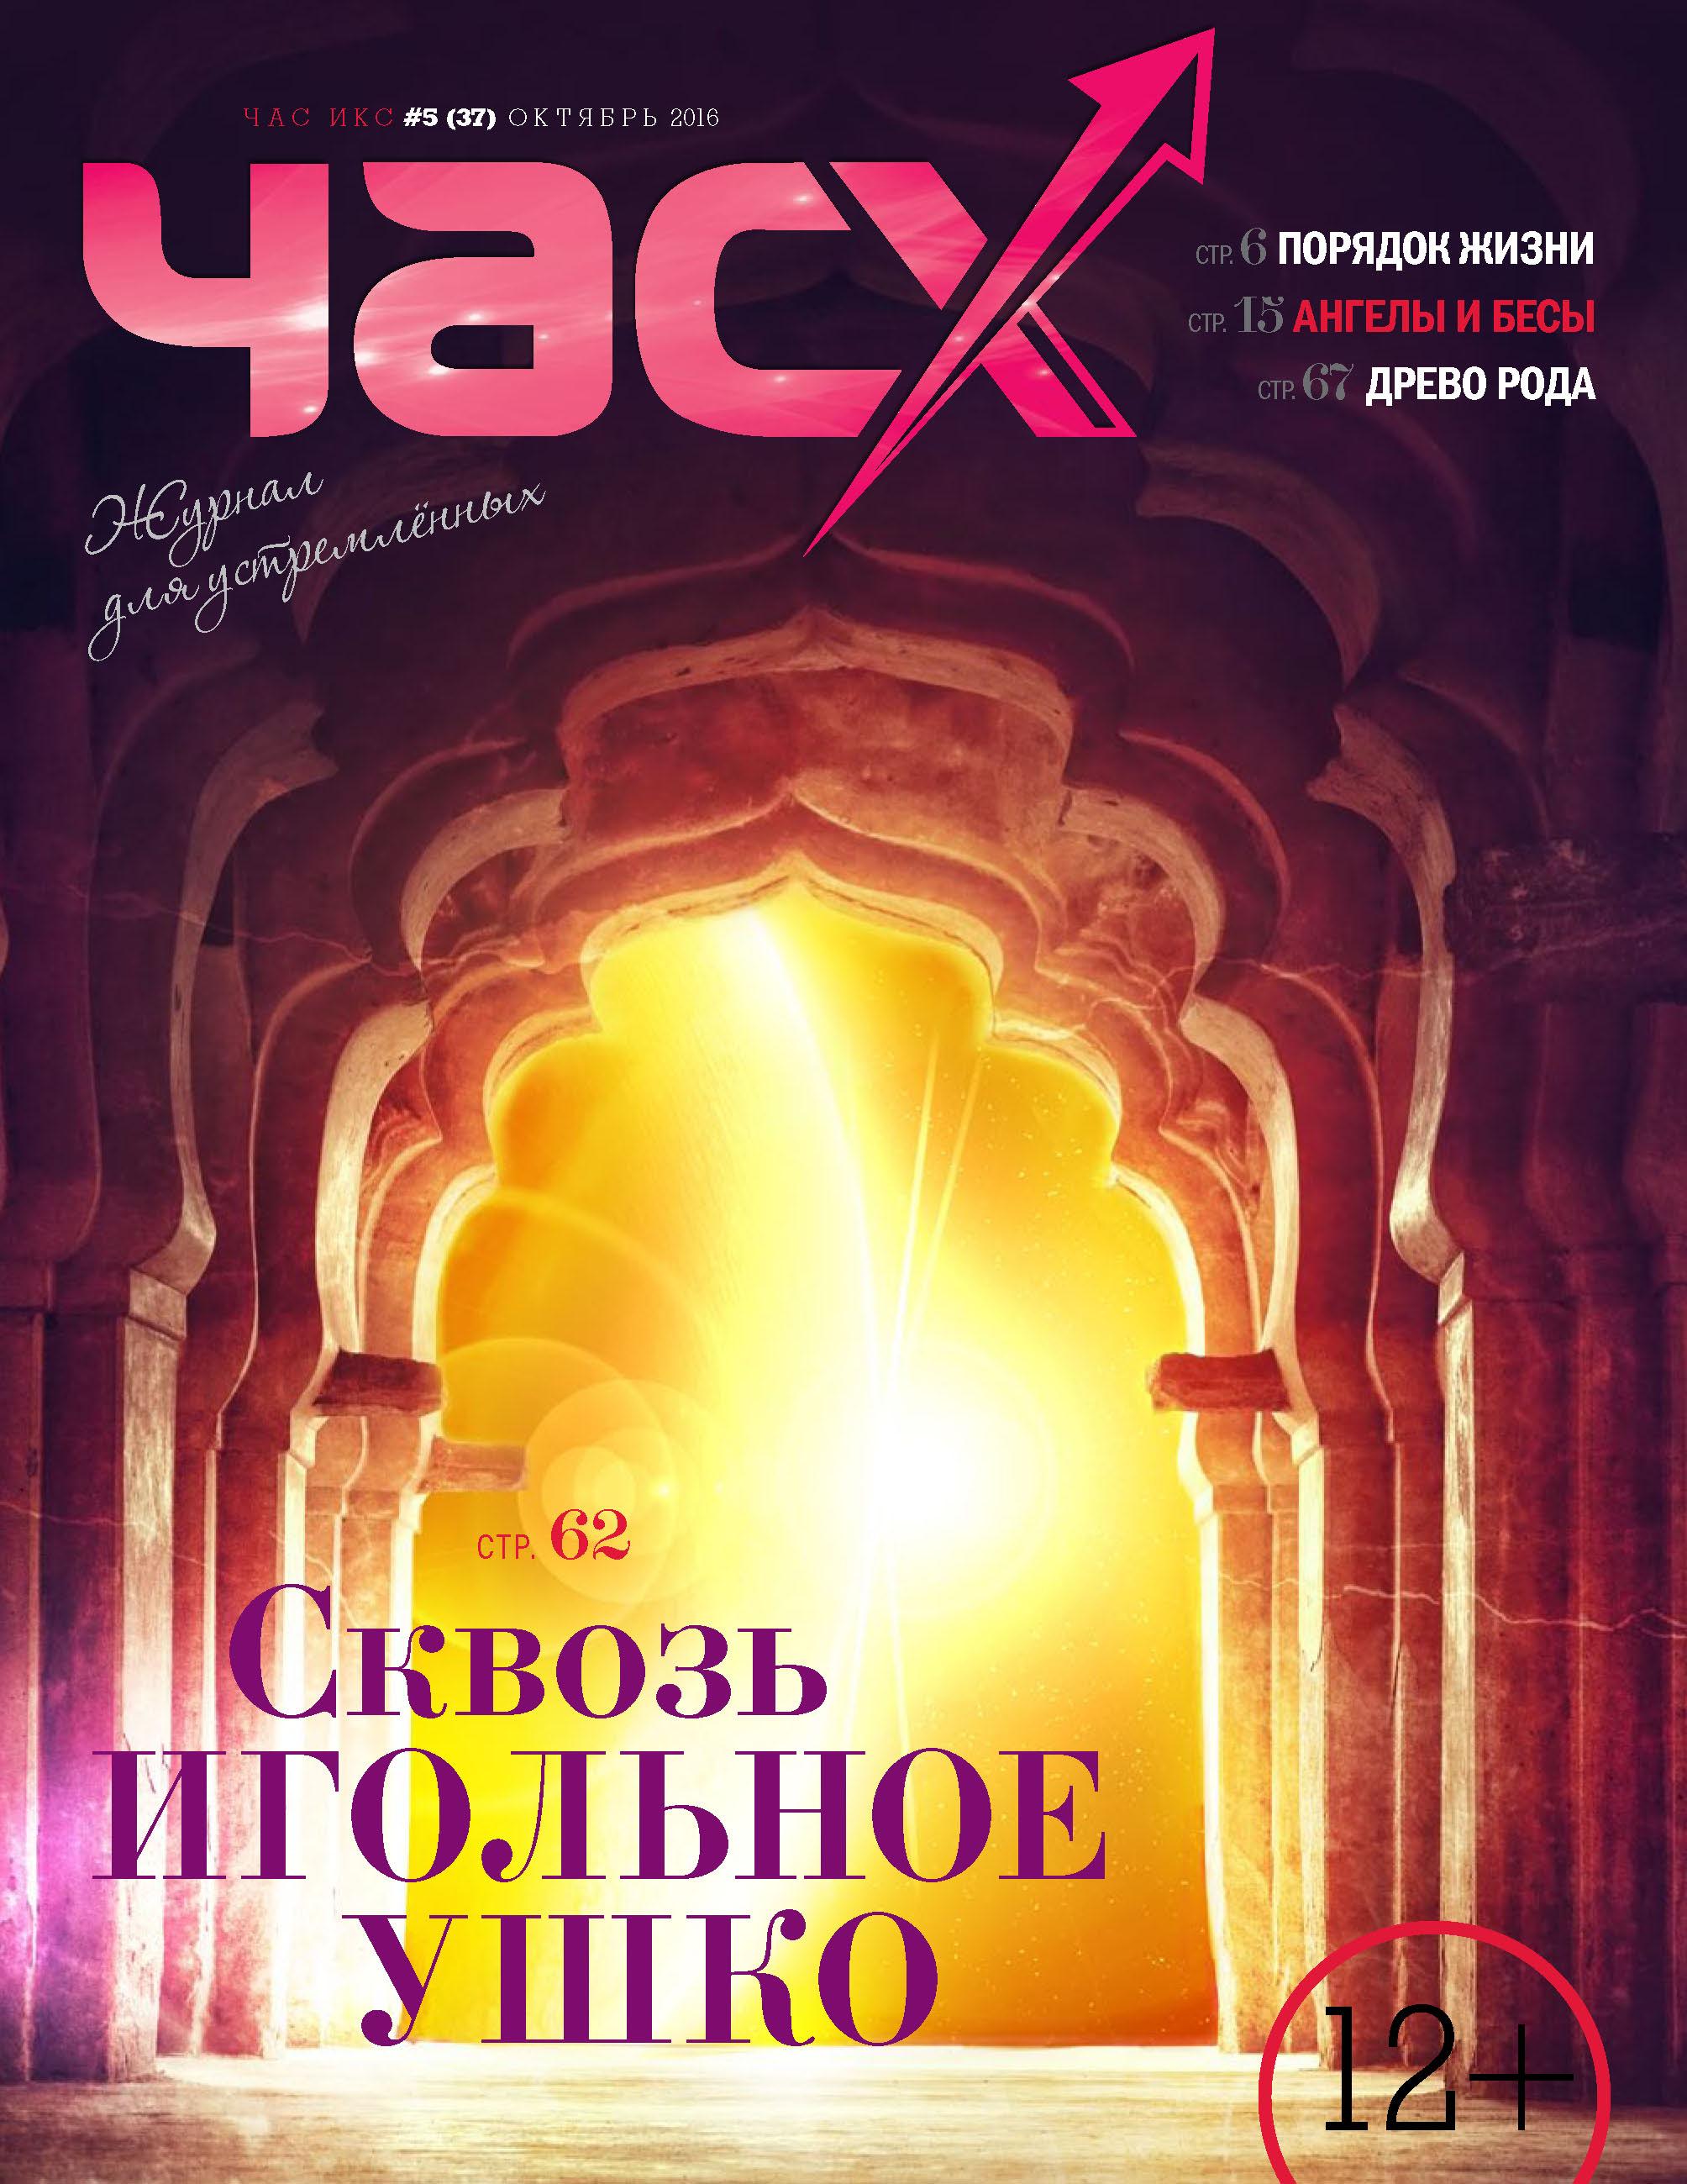 Отсутствует Час X. Журнал для устремленных. №5/2016 отсутствует час x журнал для устремленных 5 2015